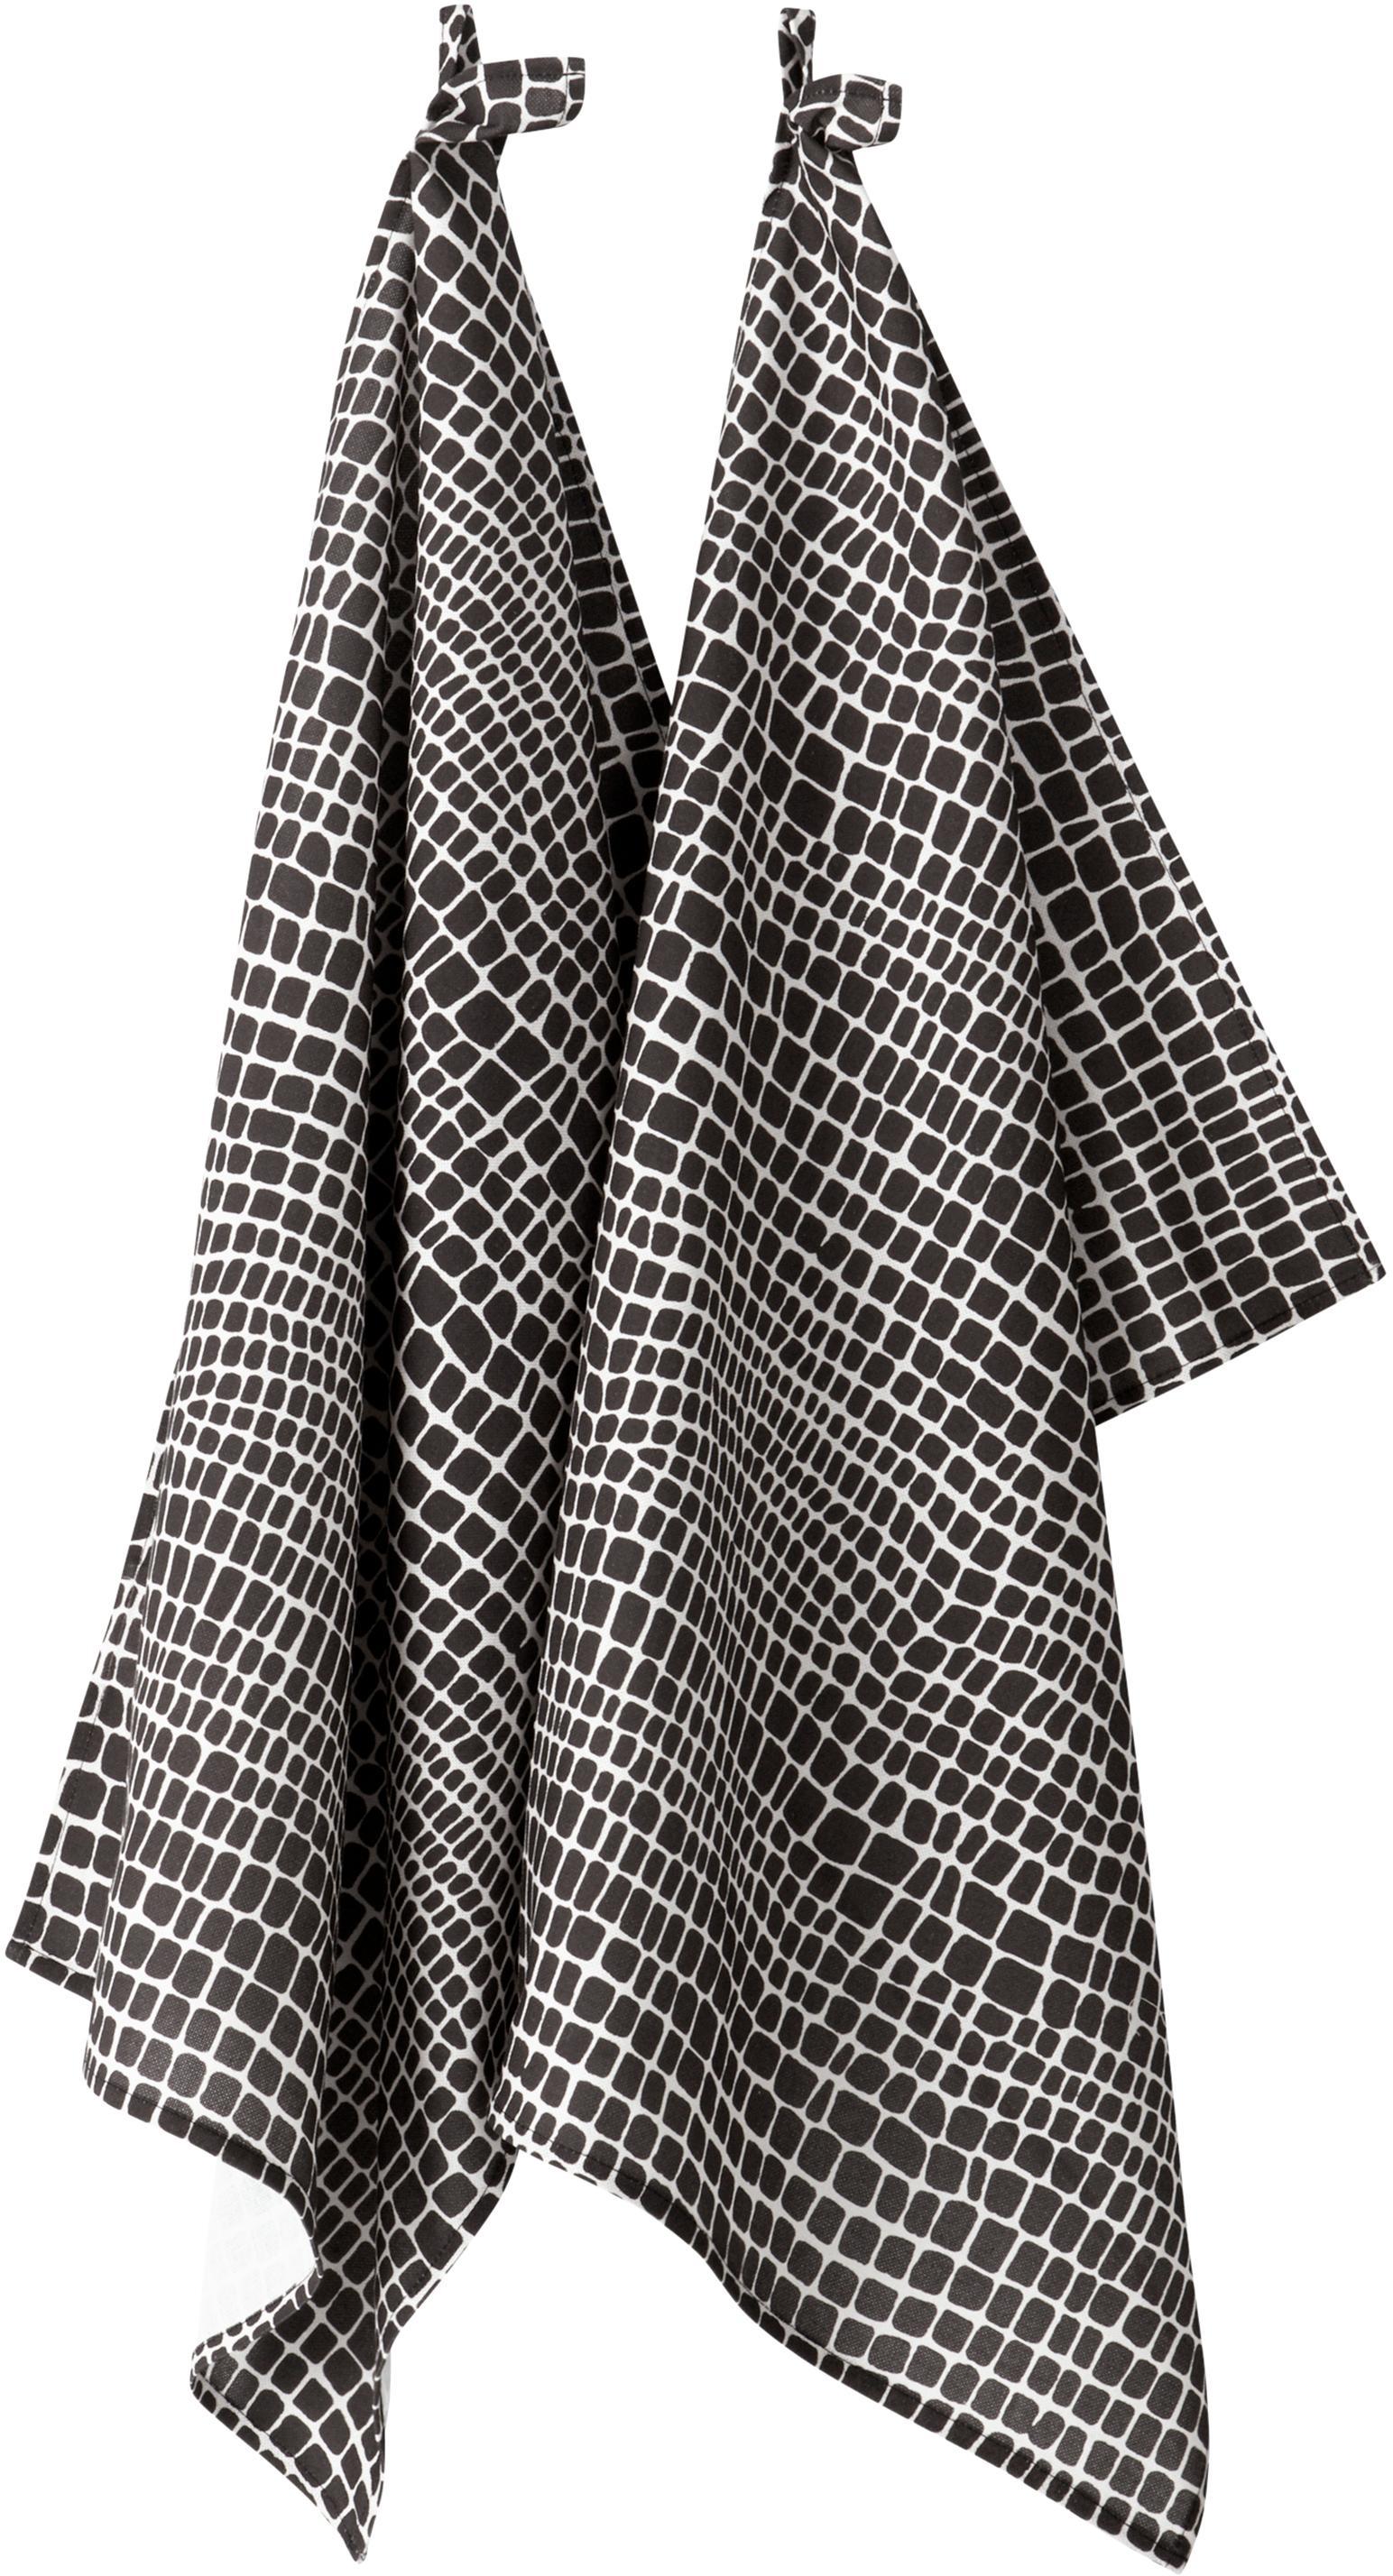 Geschirrtücher Penelope, 2 Stück, 100% Baumwolle, aus nachhaltigem Baumwollanbau, Schwarz, Weiß, 50 x 70 cm